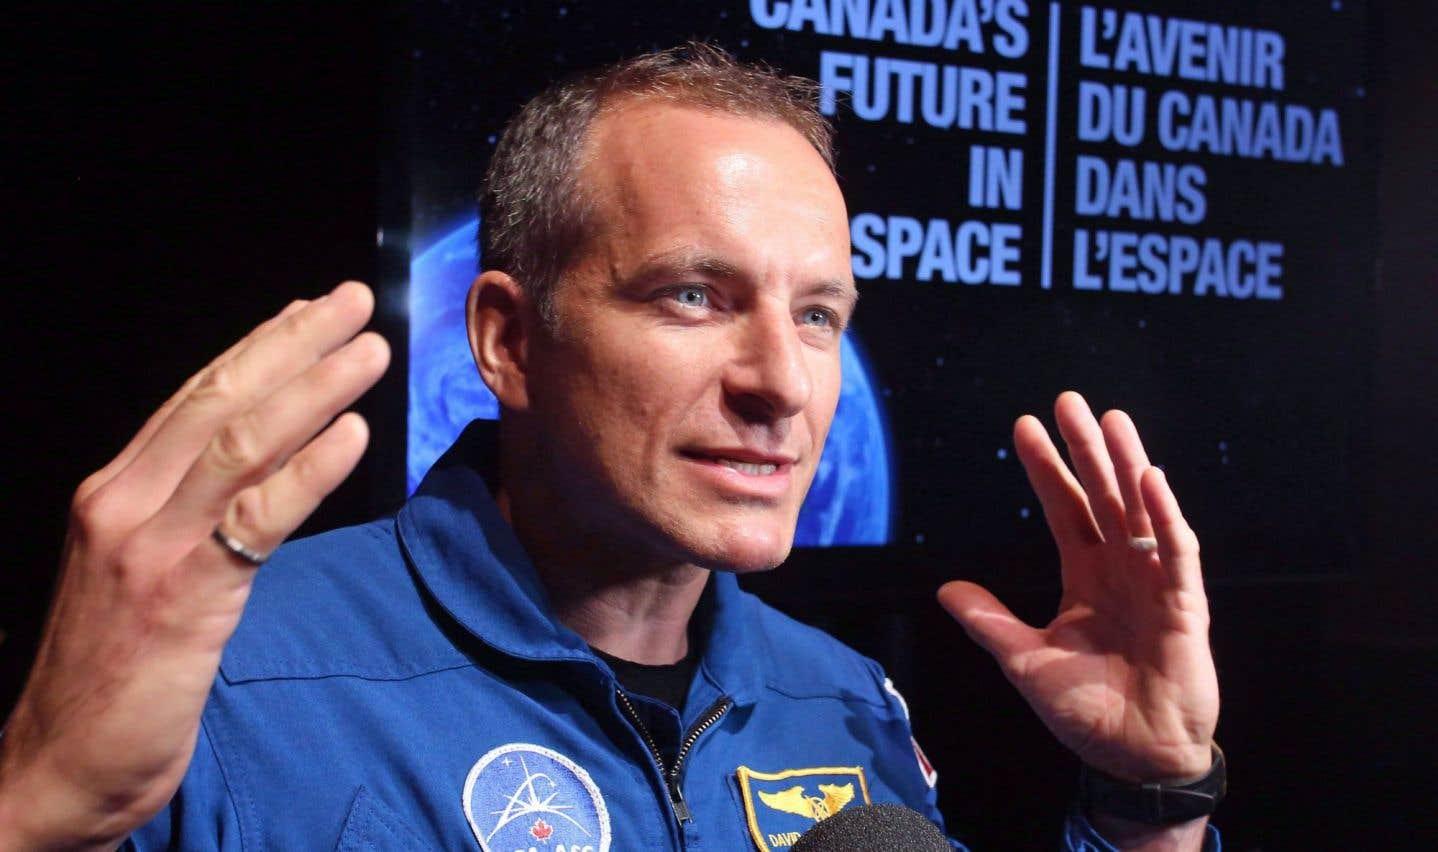 Un homme de l'espace qui a les deux pieds sur terre